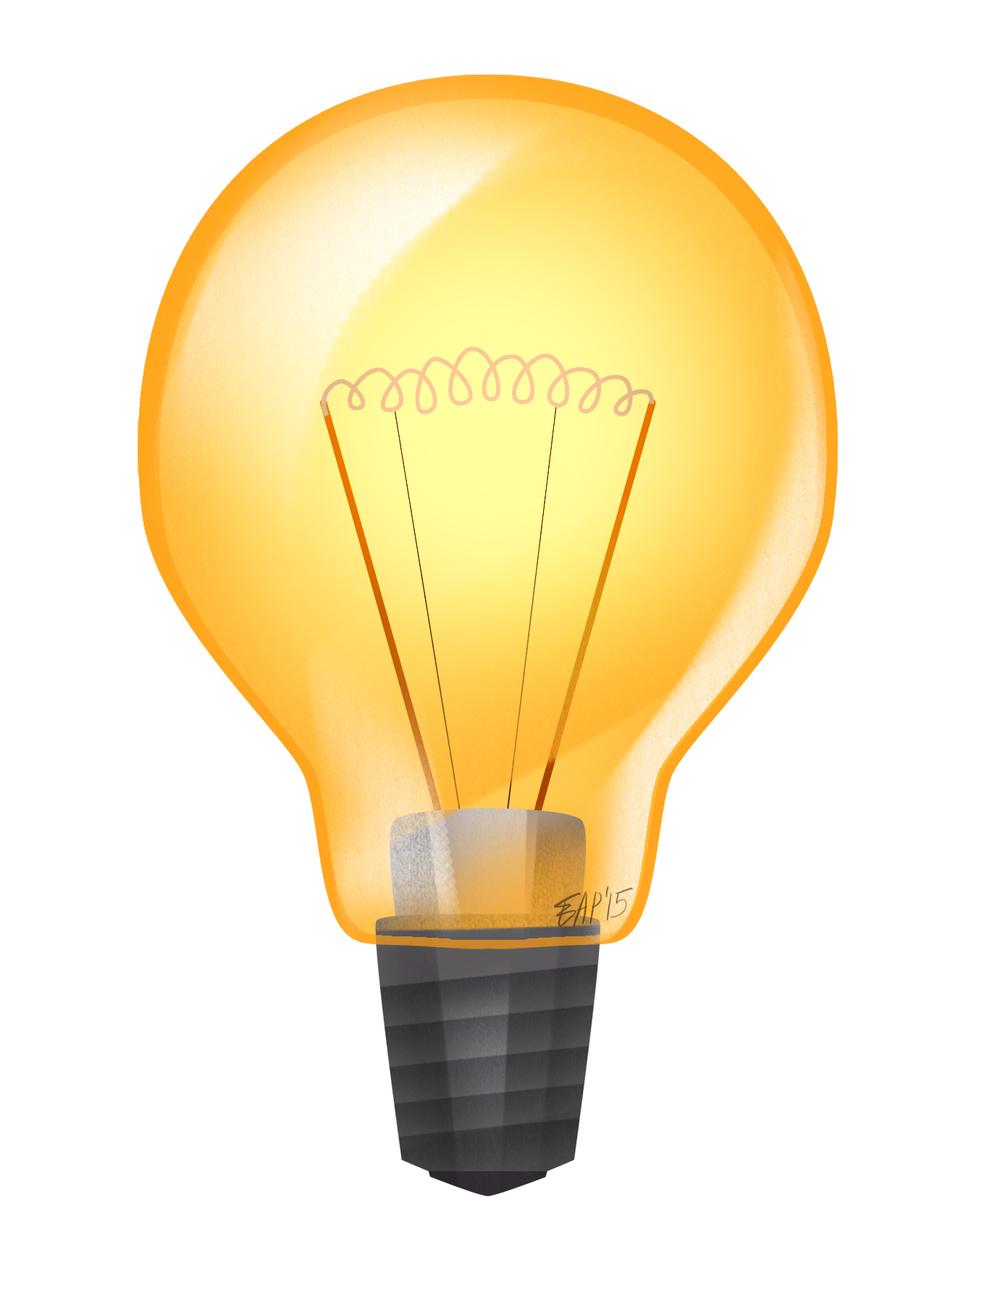 LightBulb_shot1.jpg